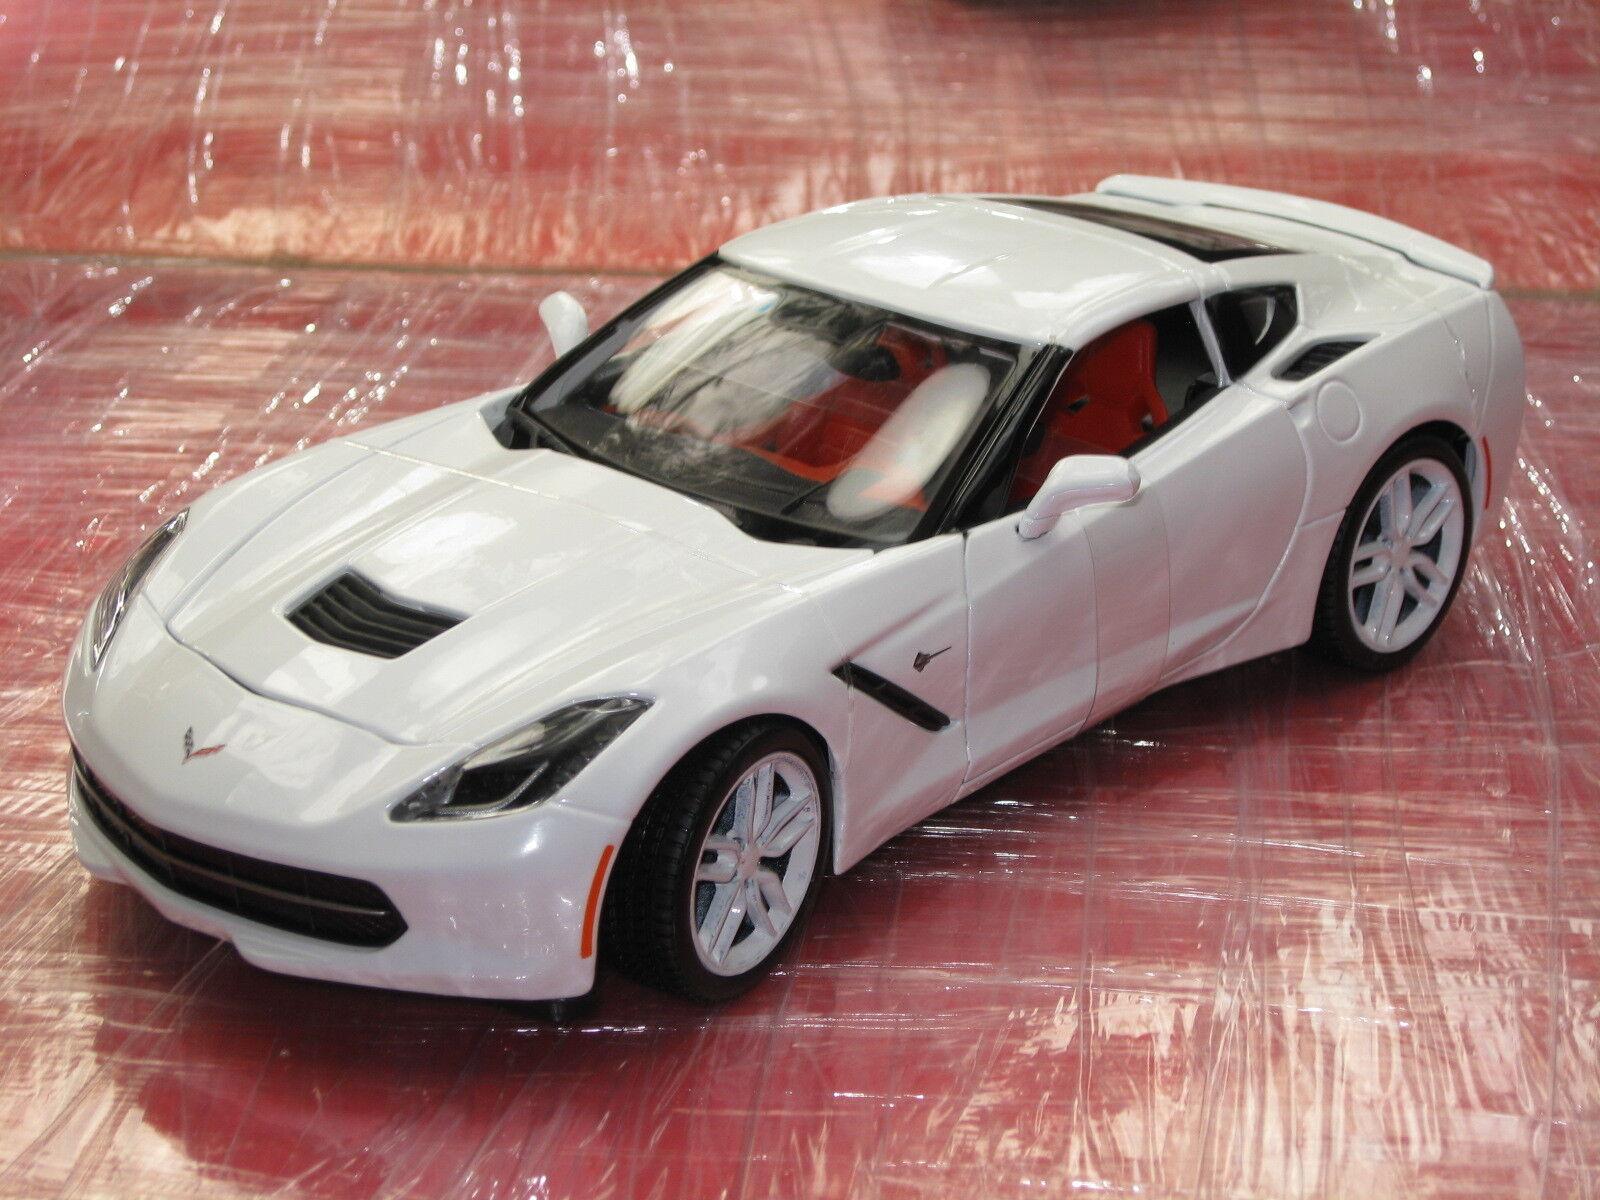 precio razonable 2014 Corvette Stingris Z51 blancoo Ártico Nuevo En Caja       últimos estilos